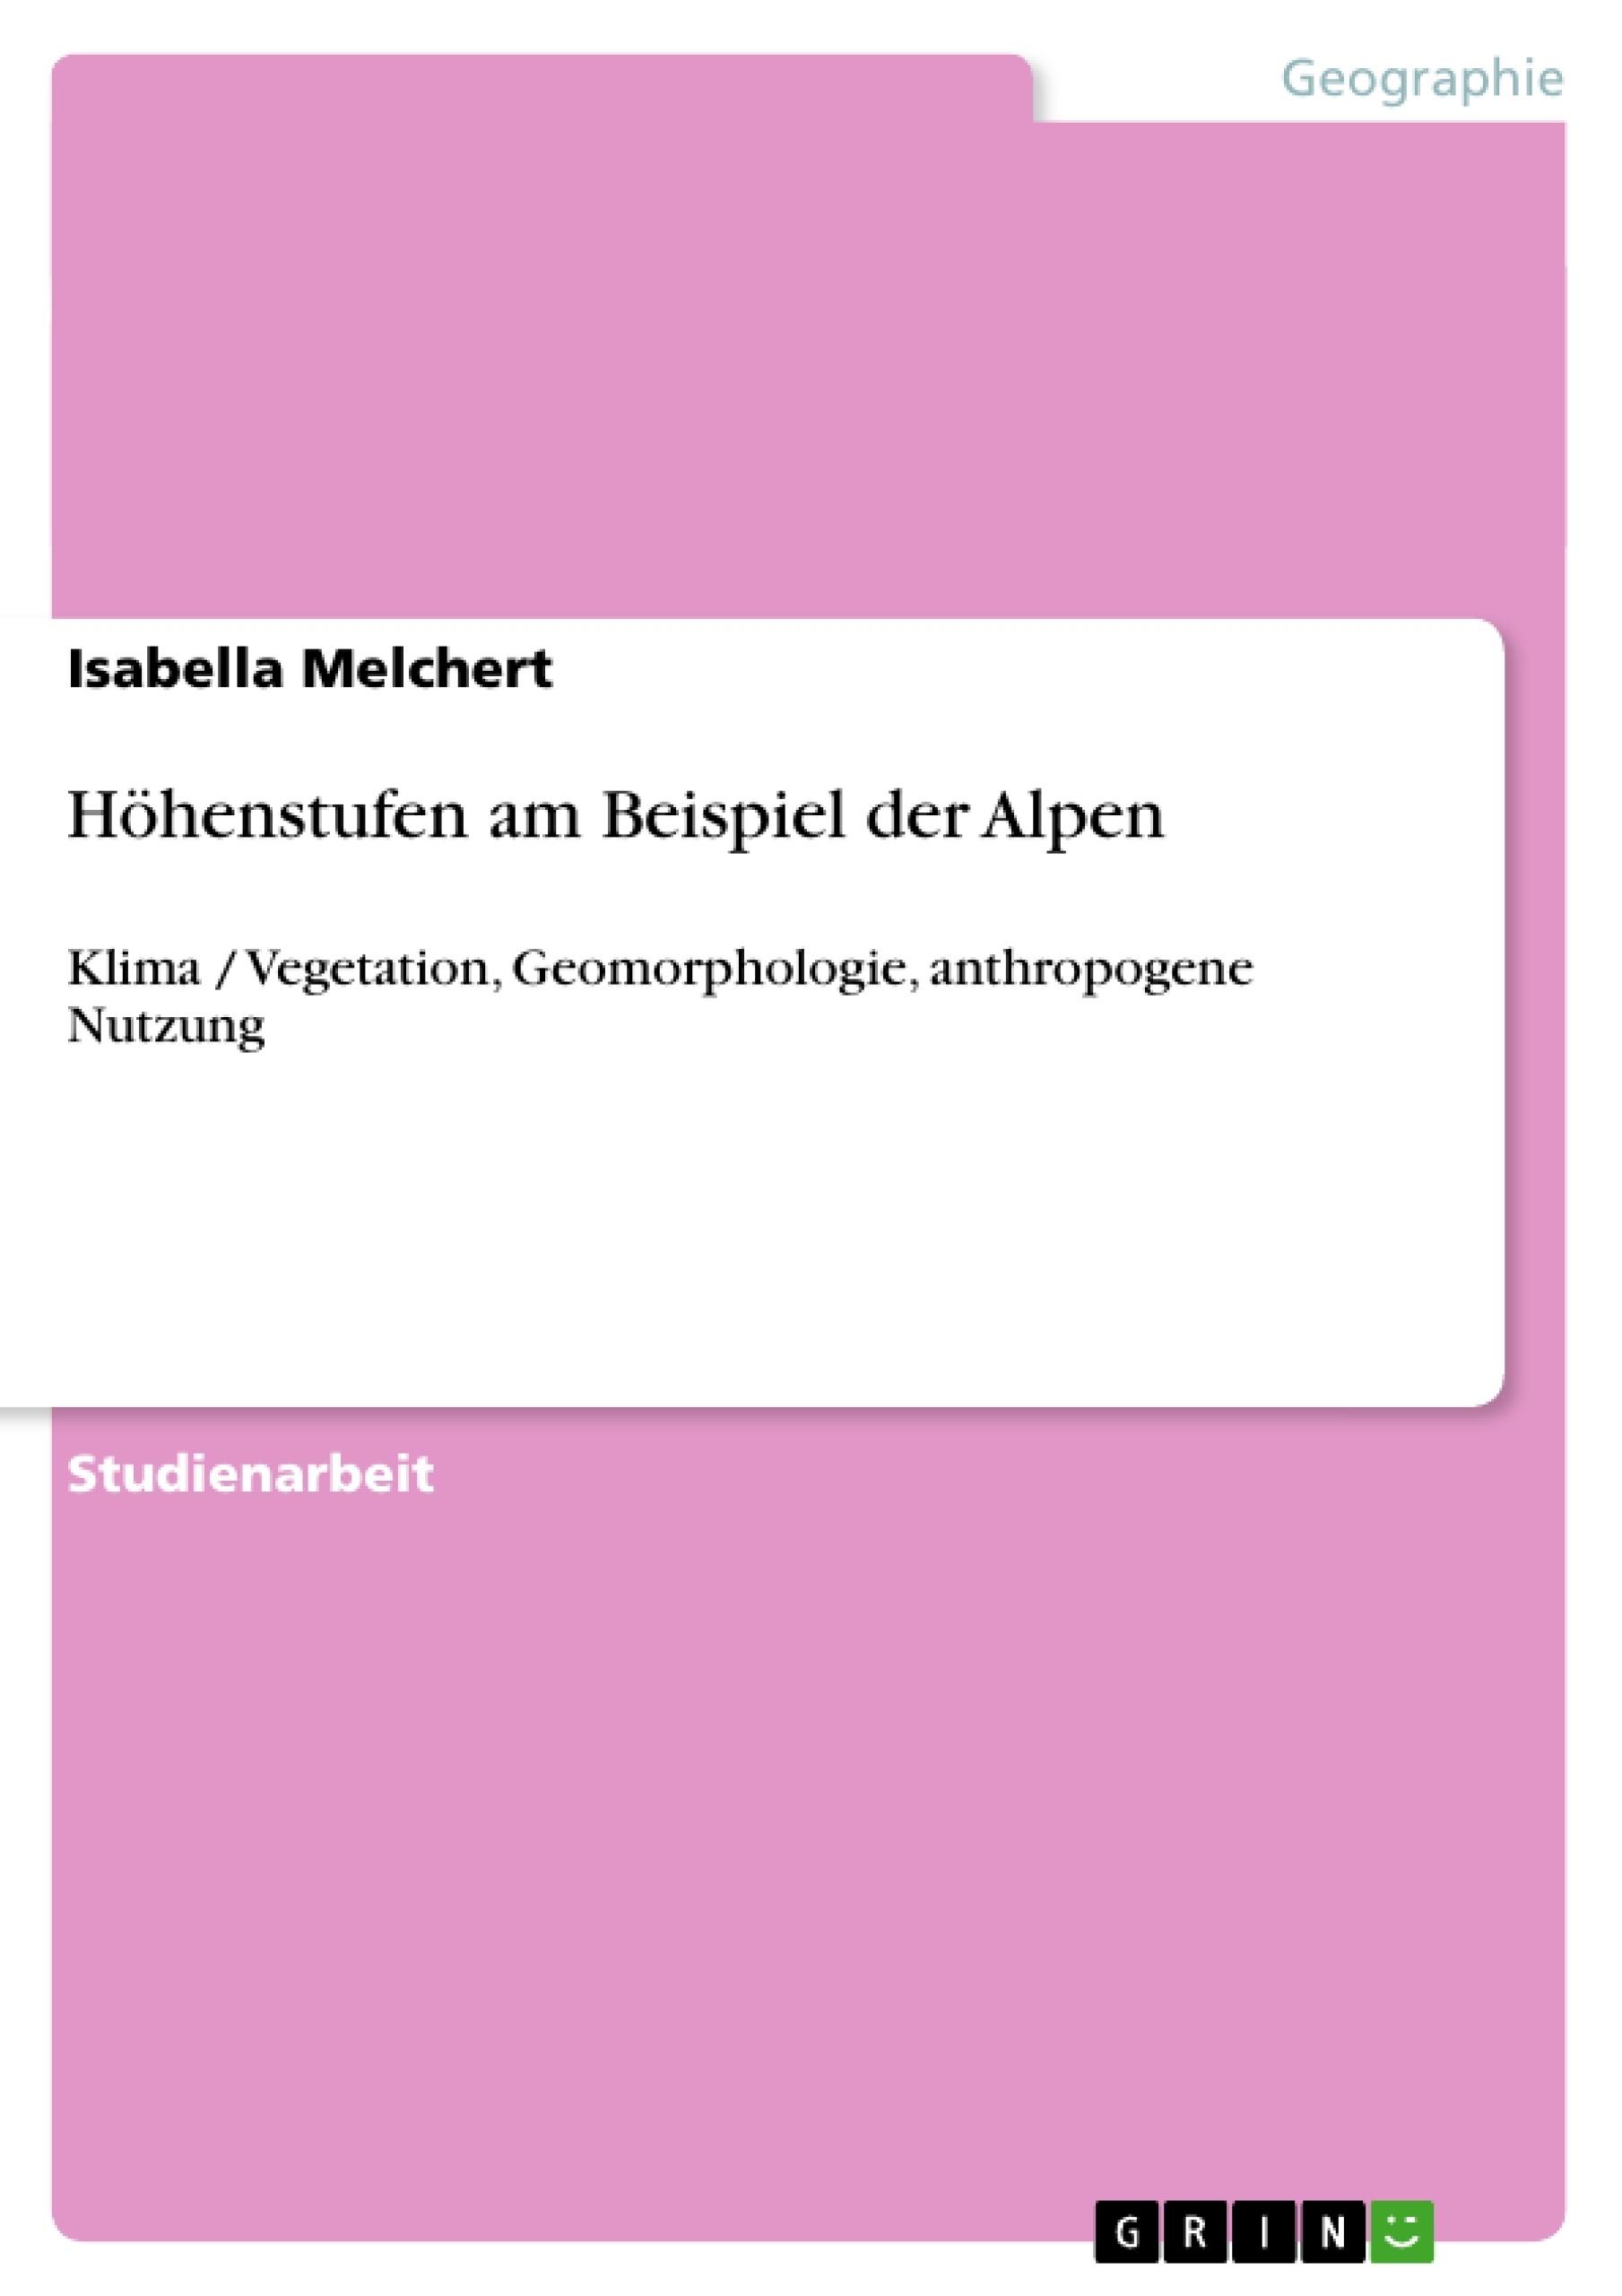 Titel: Höhenstufen am Beispiel der Alpen